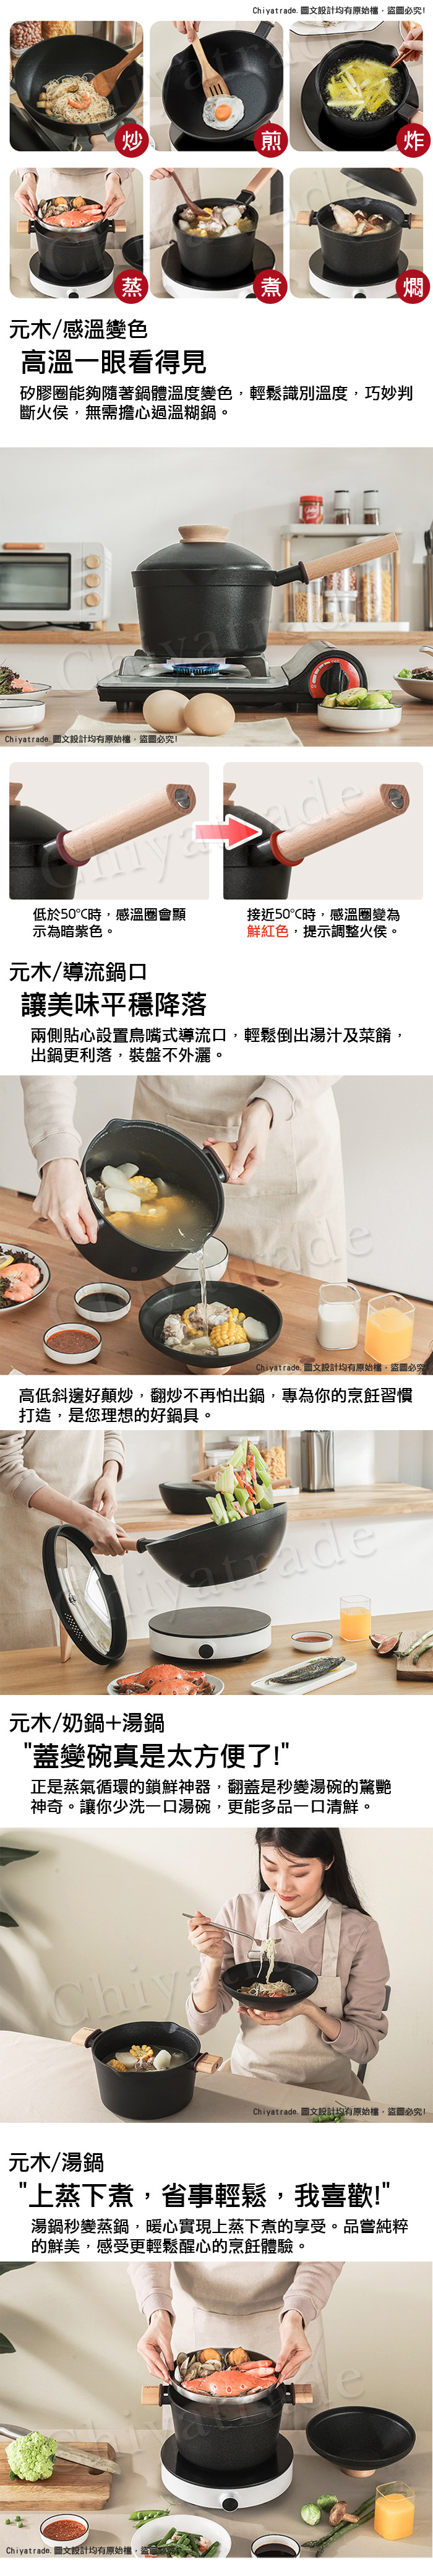 (複製)Taste Plus|悅味元木 內外不沾鍋 泡麵鍋 牛奶鍋 16cm/1.6L IH全對應設計(蓋變碗設計)